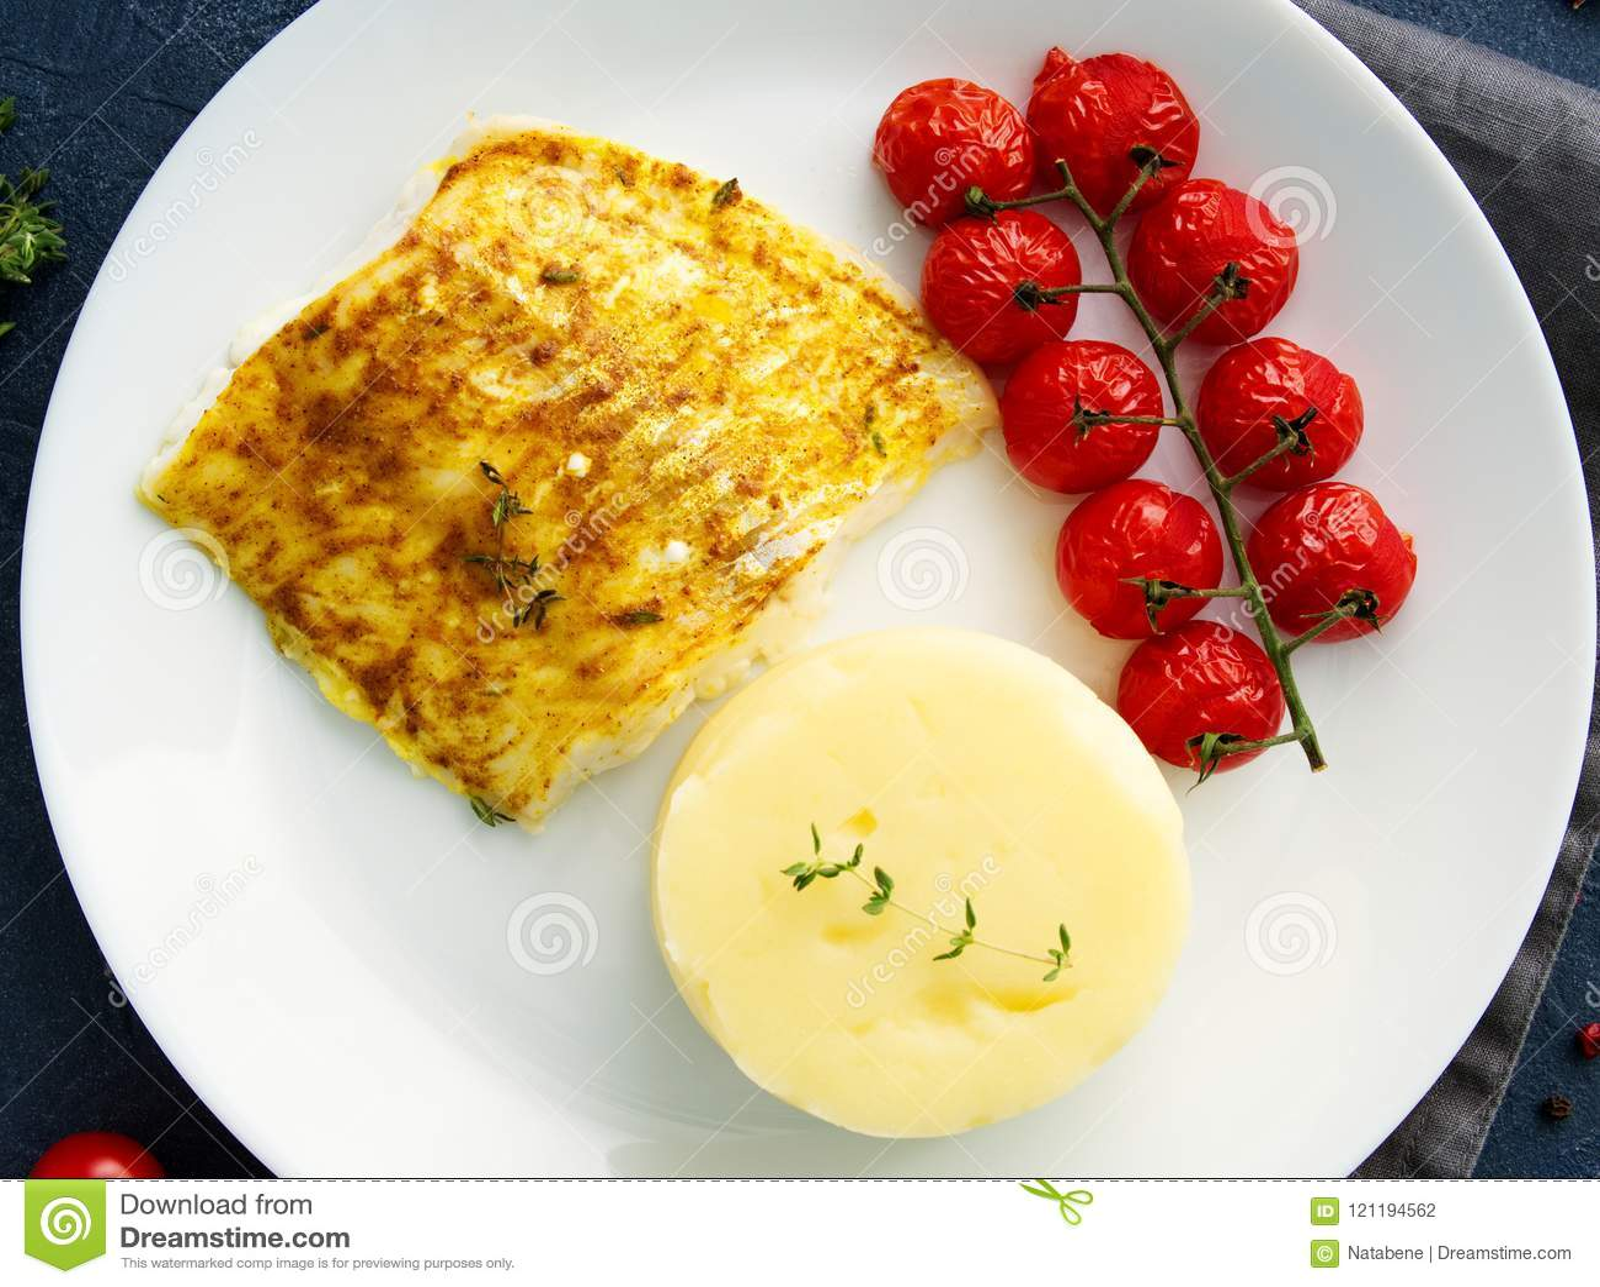 Βακαλάος ψαριών που ψήνεται στο φούρνο με τις πολτοποιηίδες πατάτες, ντομάτες, υγιή τρόφιμα διατροφής Σκούρο γκρι υπόβαθρο, τοπ ά